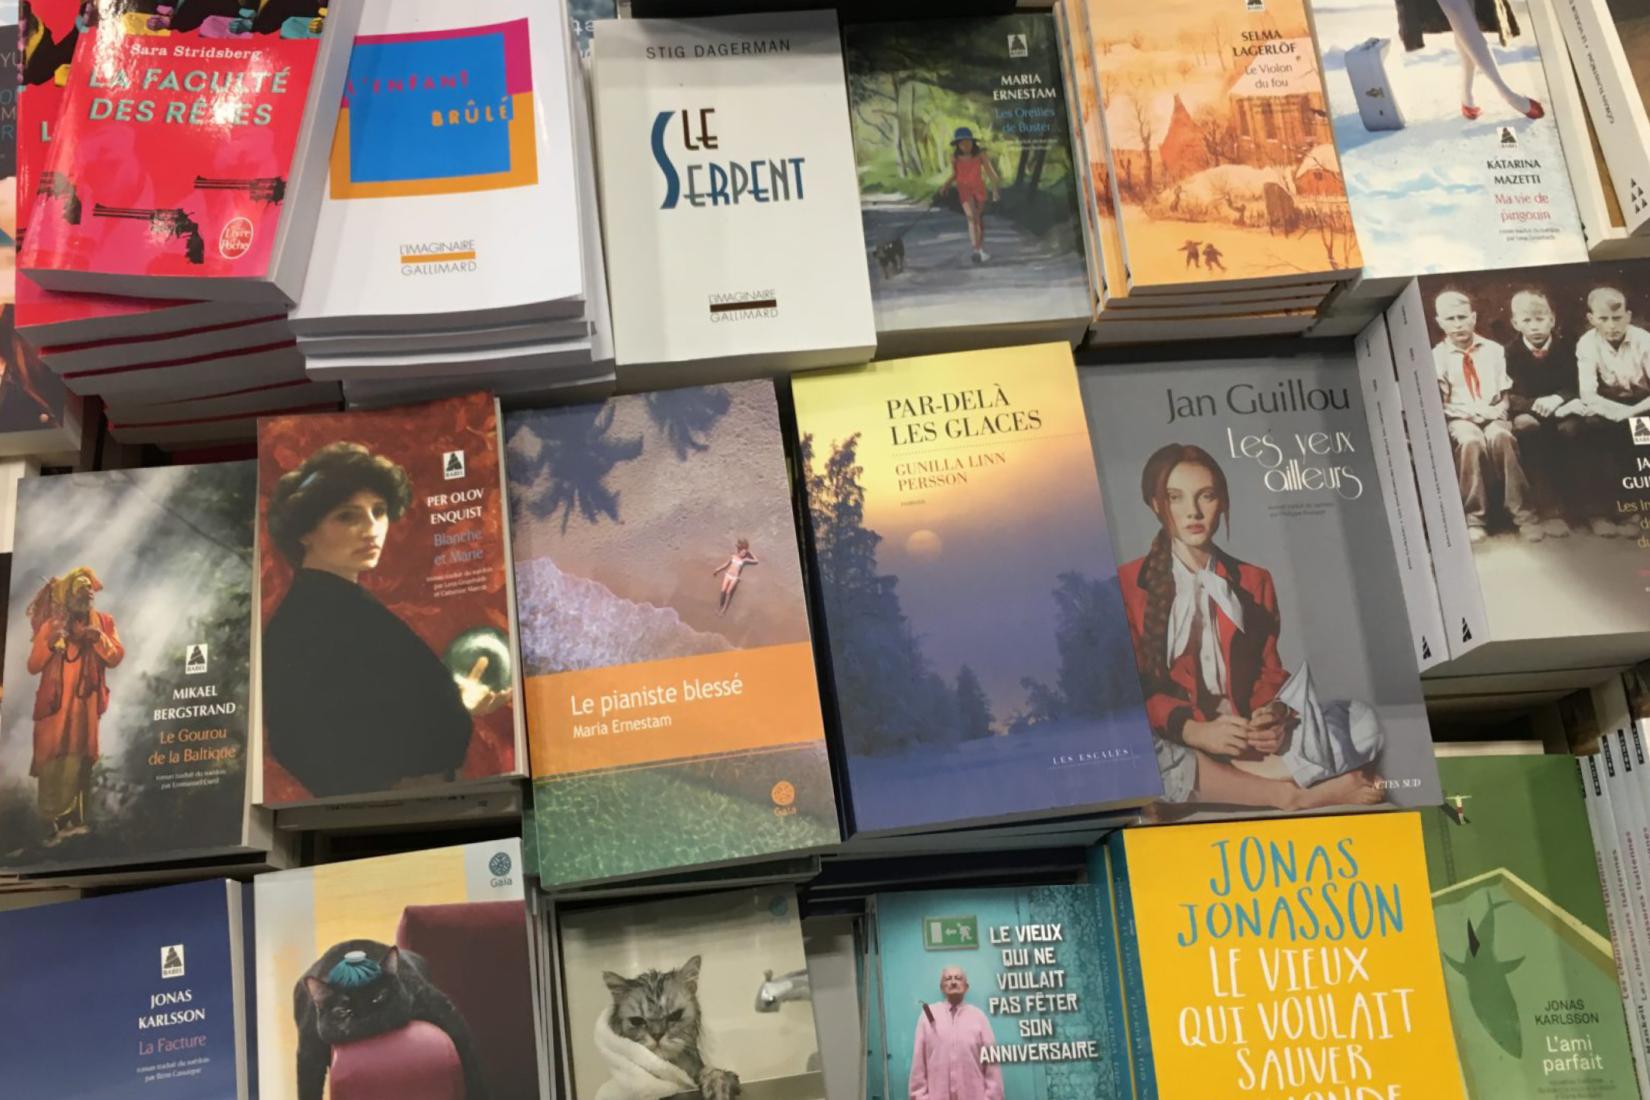 Couvertures de livres suédois traduits en français